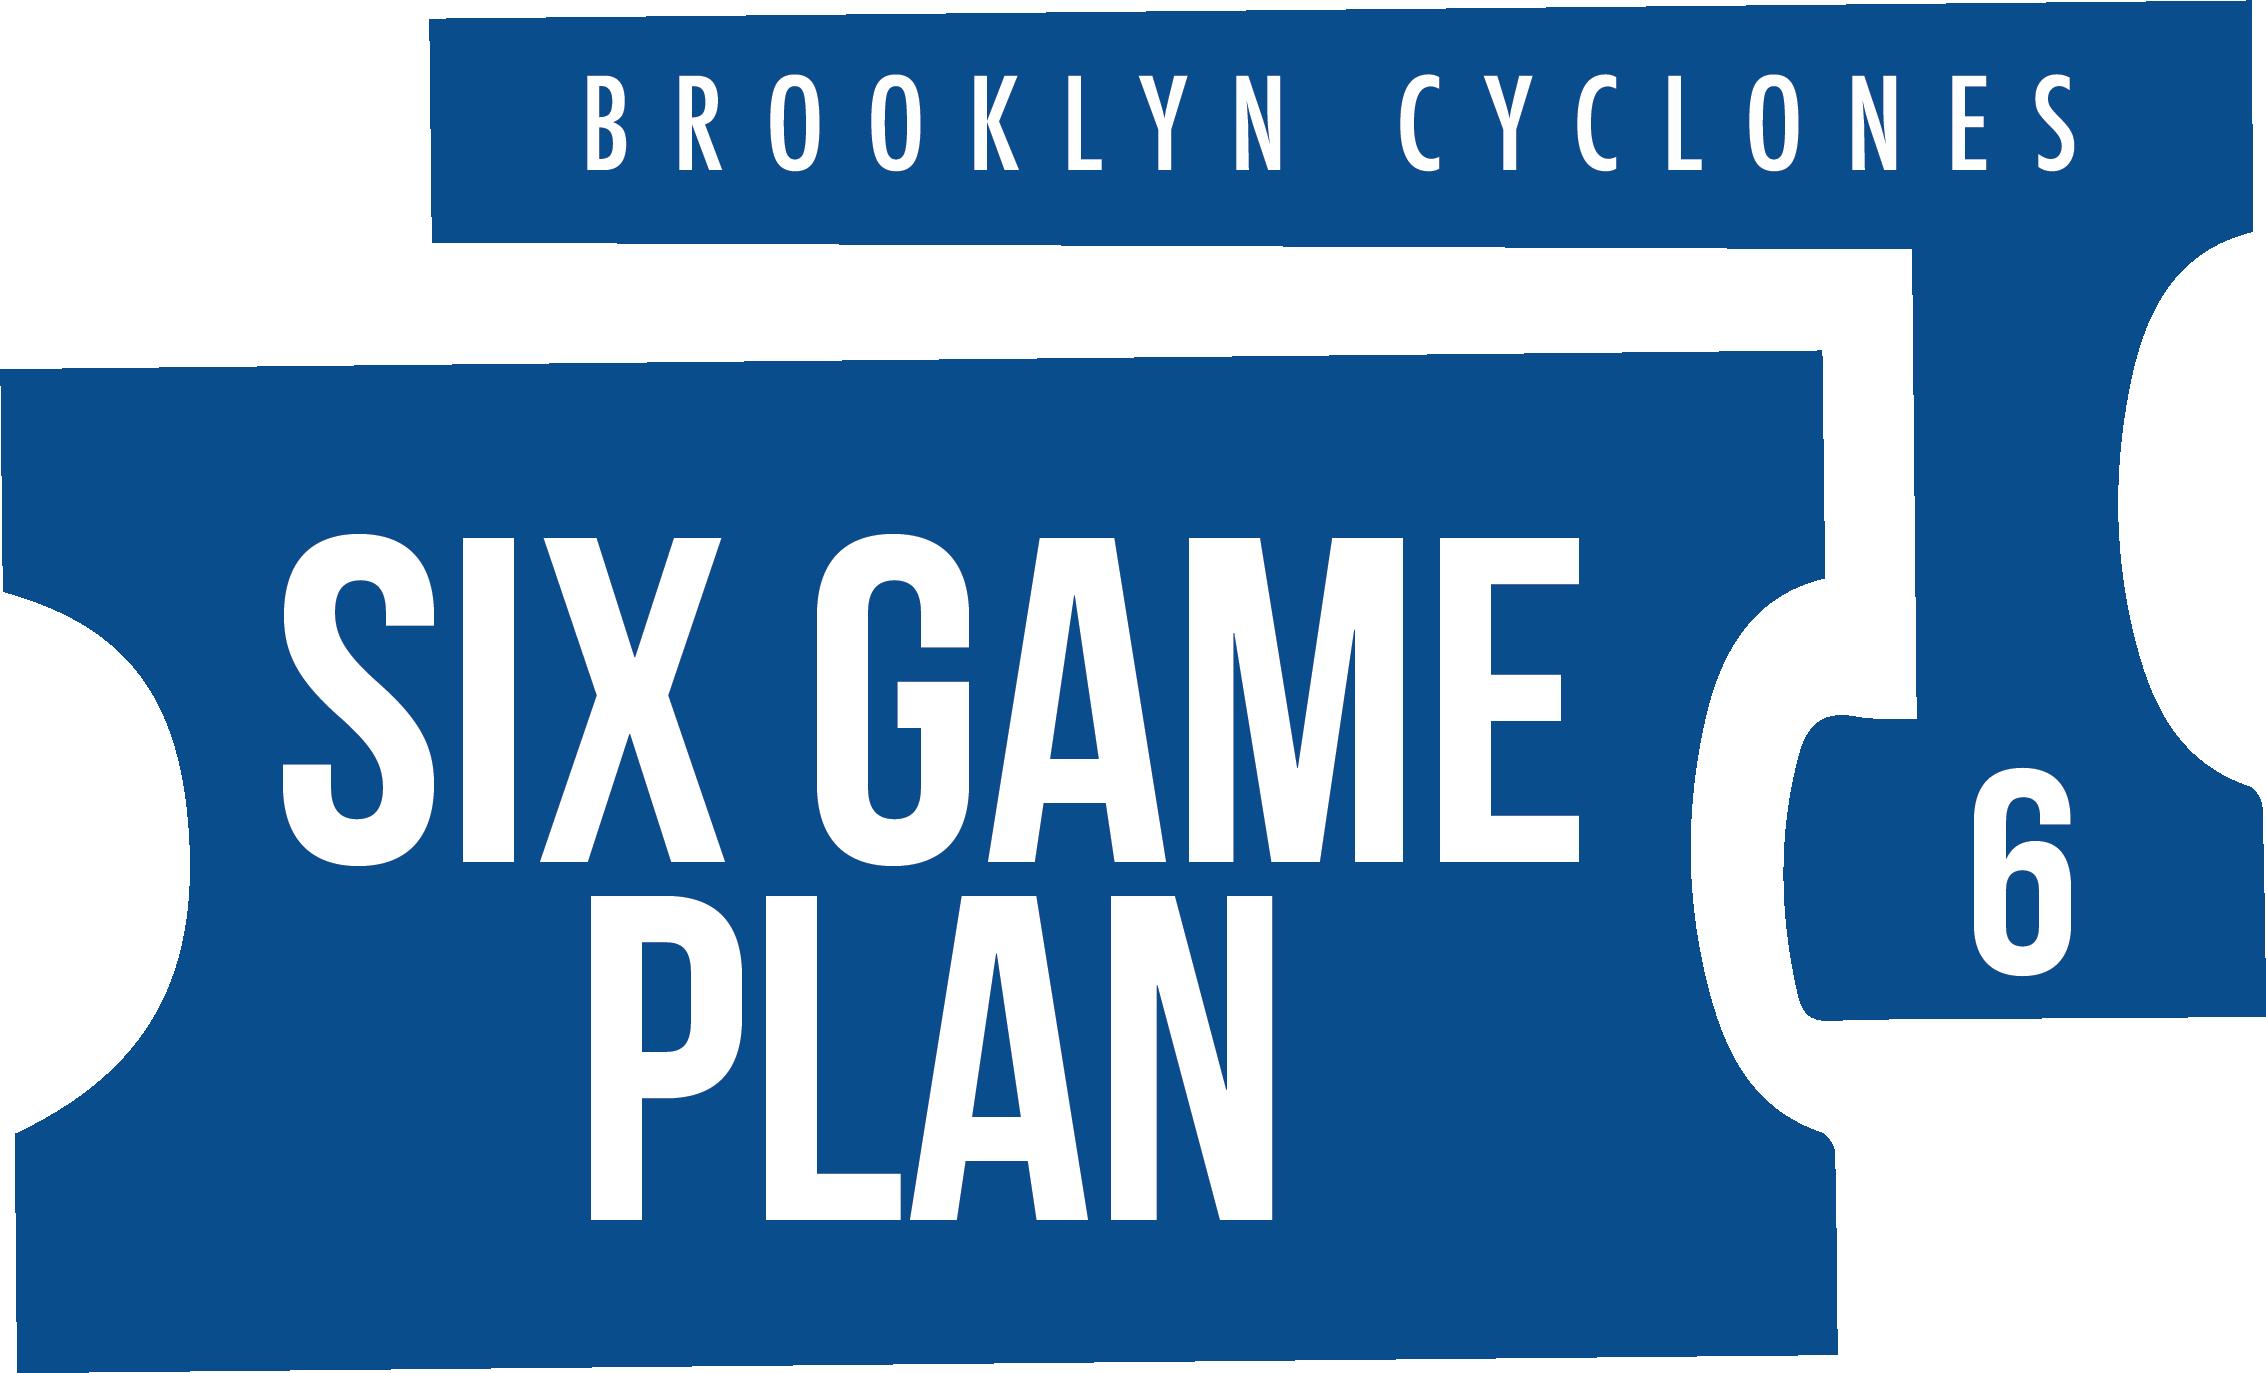 Brooklyncyclones com news per. Tickets clipart baseball ticket